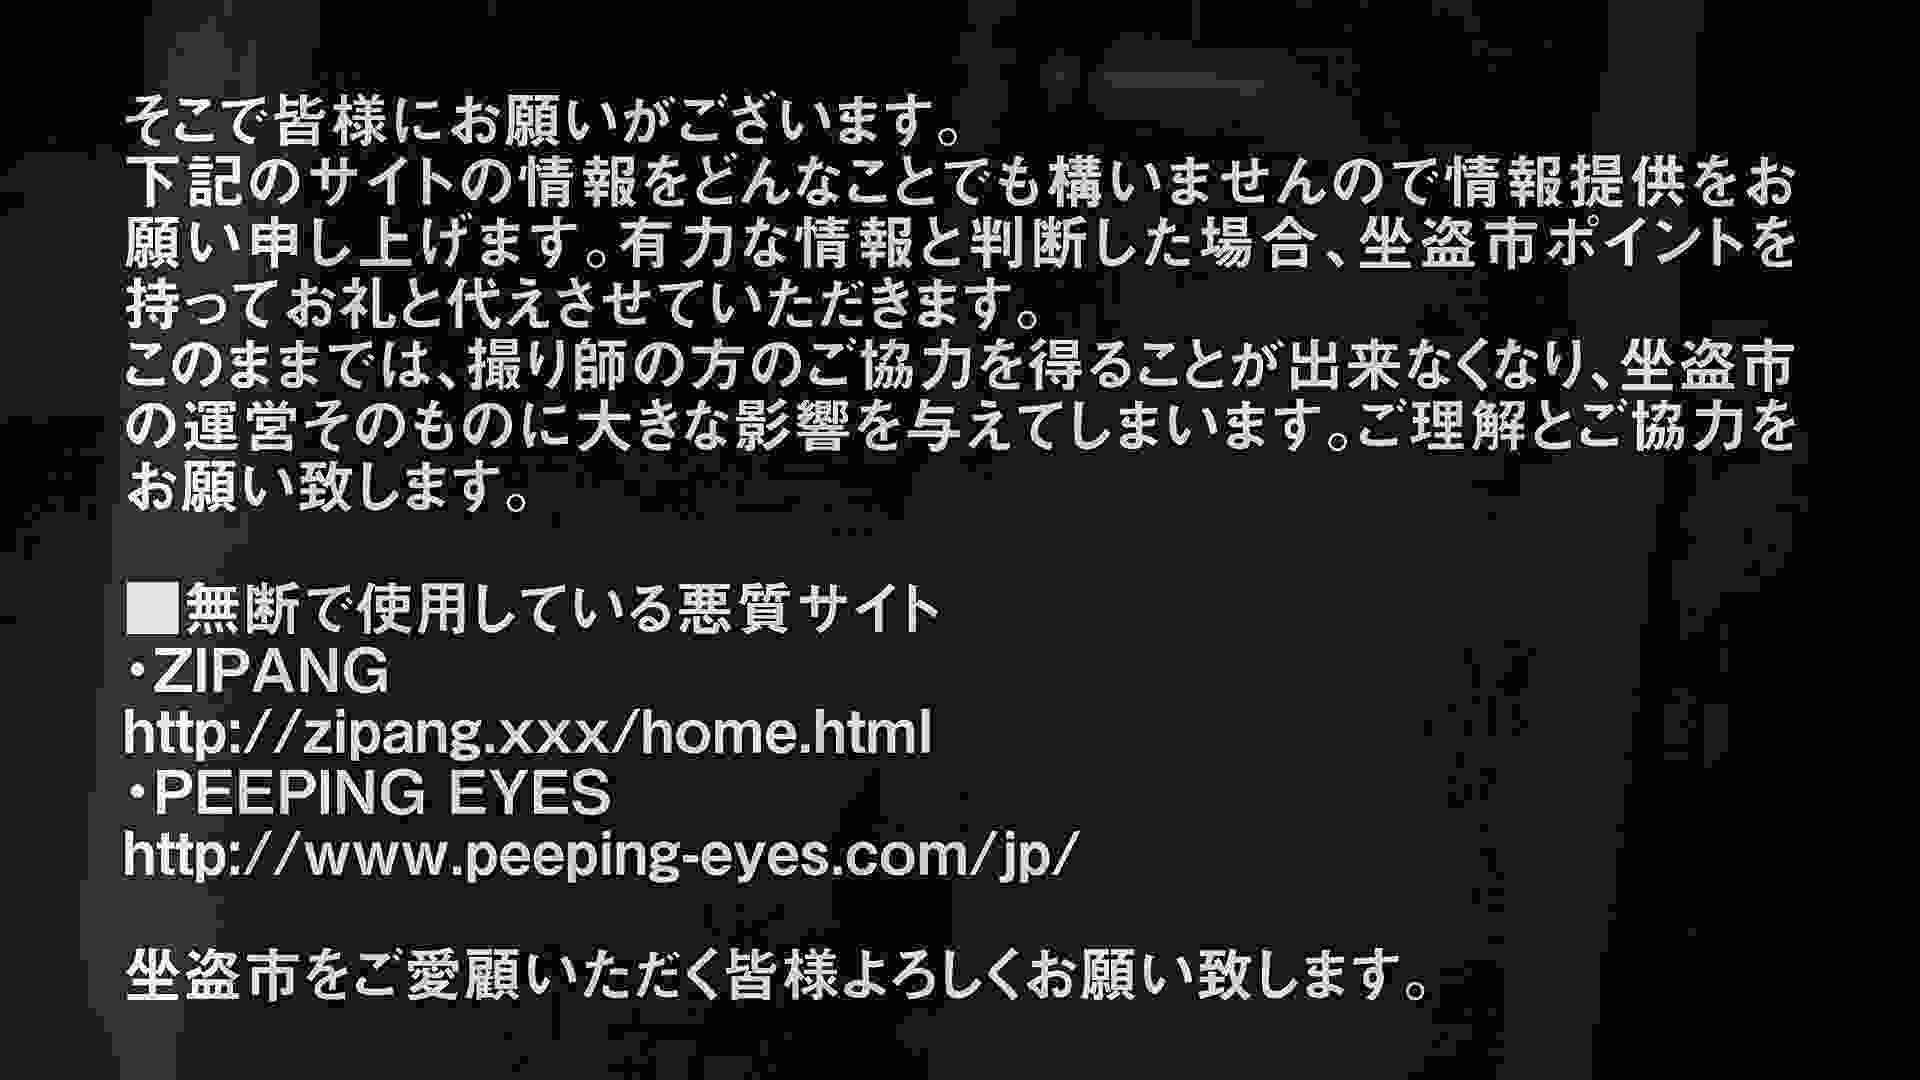 Aquaな露天風呂Vol.301 OLハメ撮り  41Pix 15